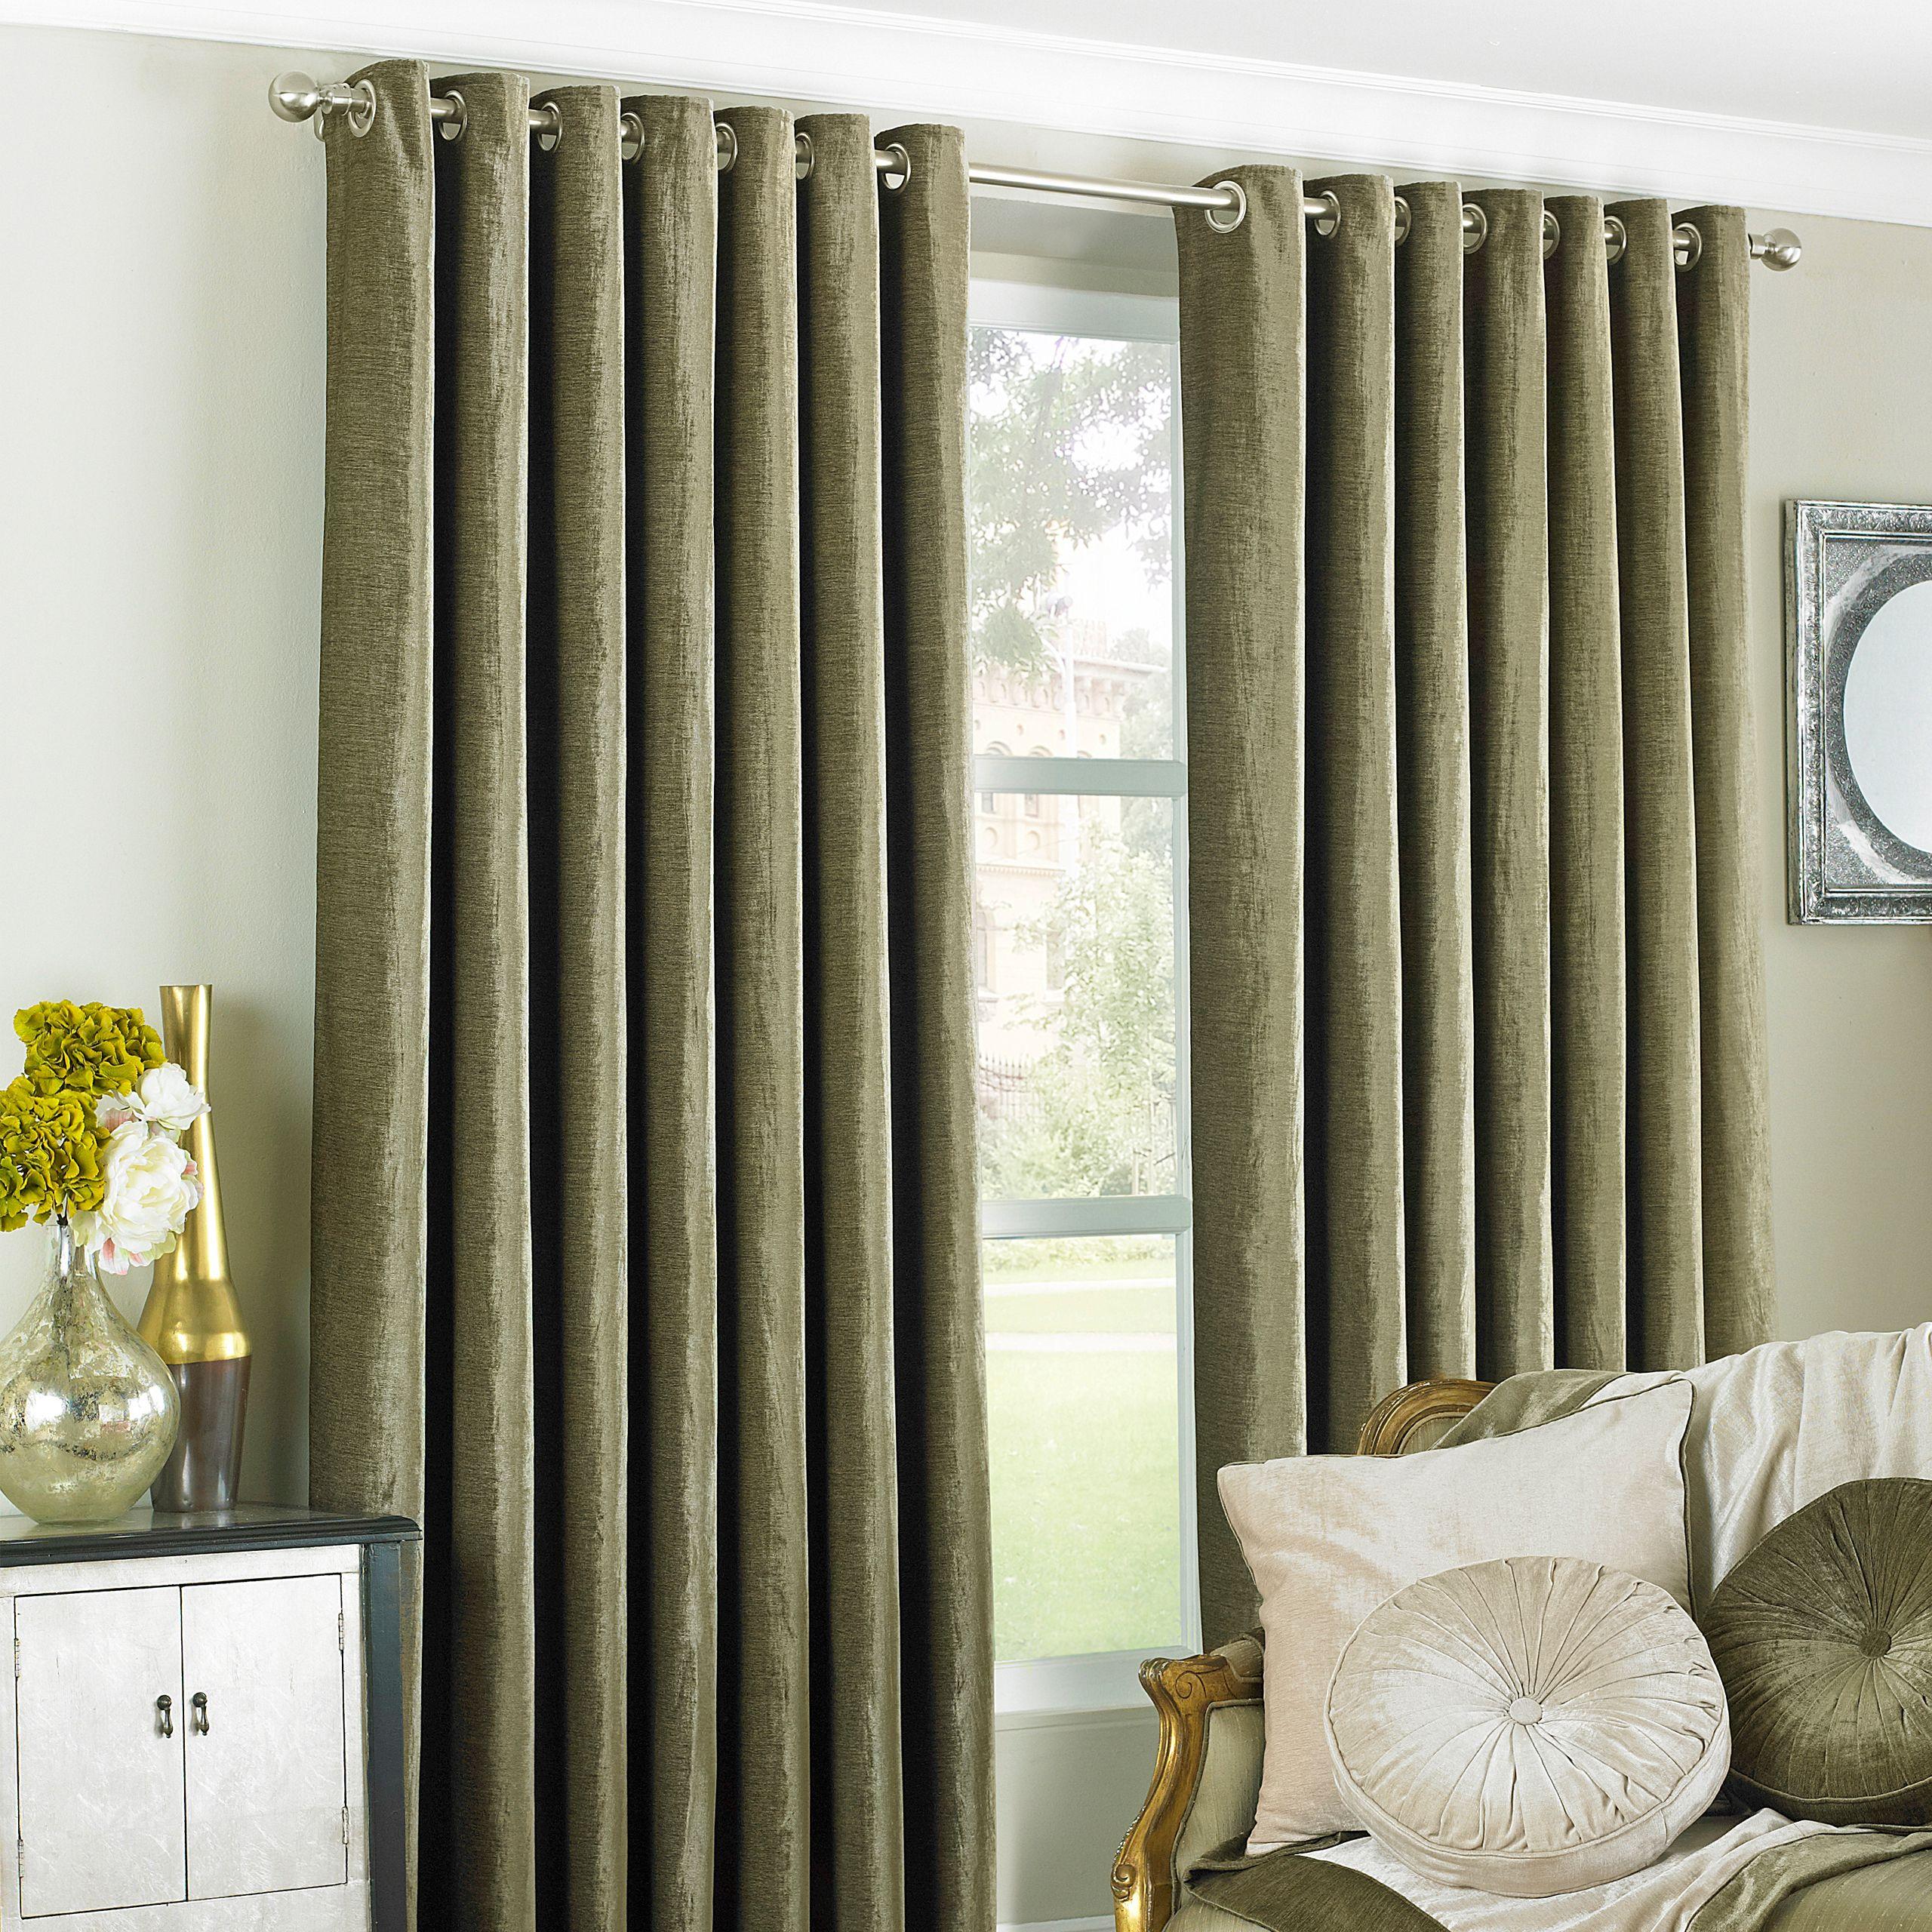 Wellesley Velvet Feel Eyelet Curtains in Mocha